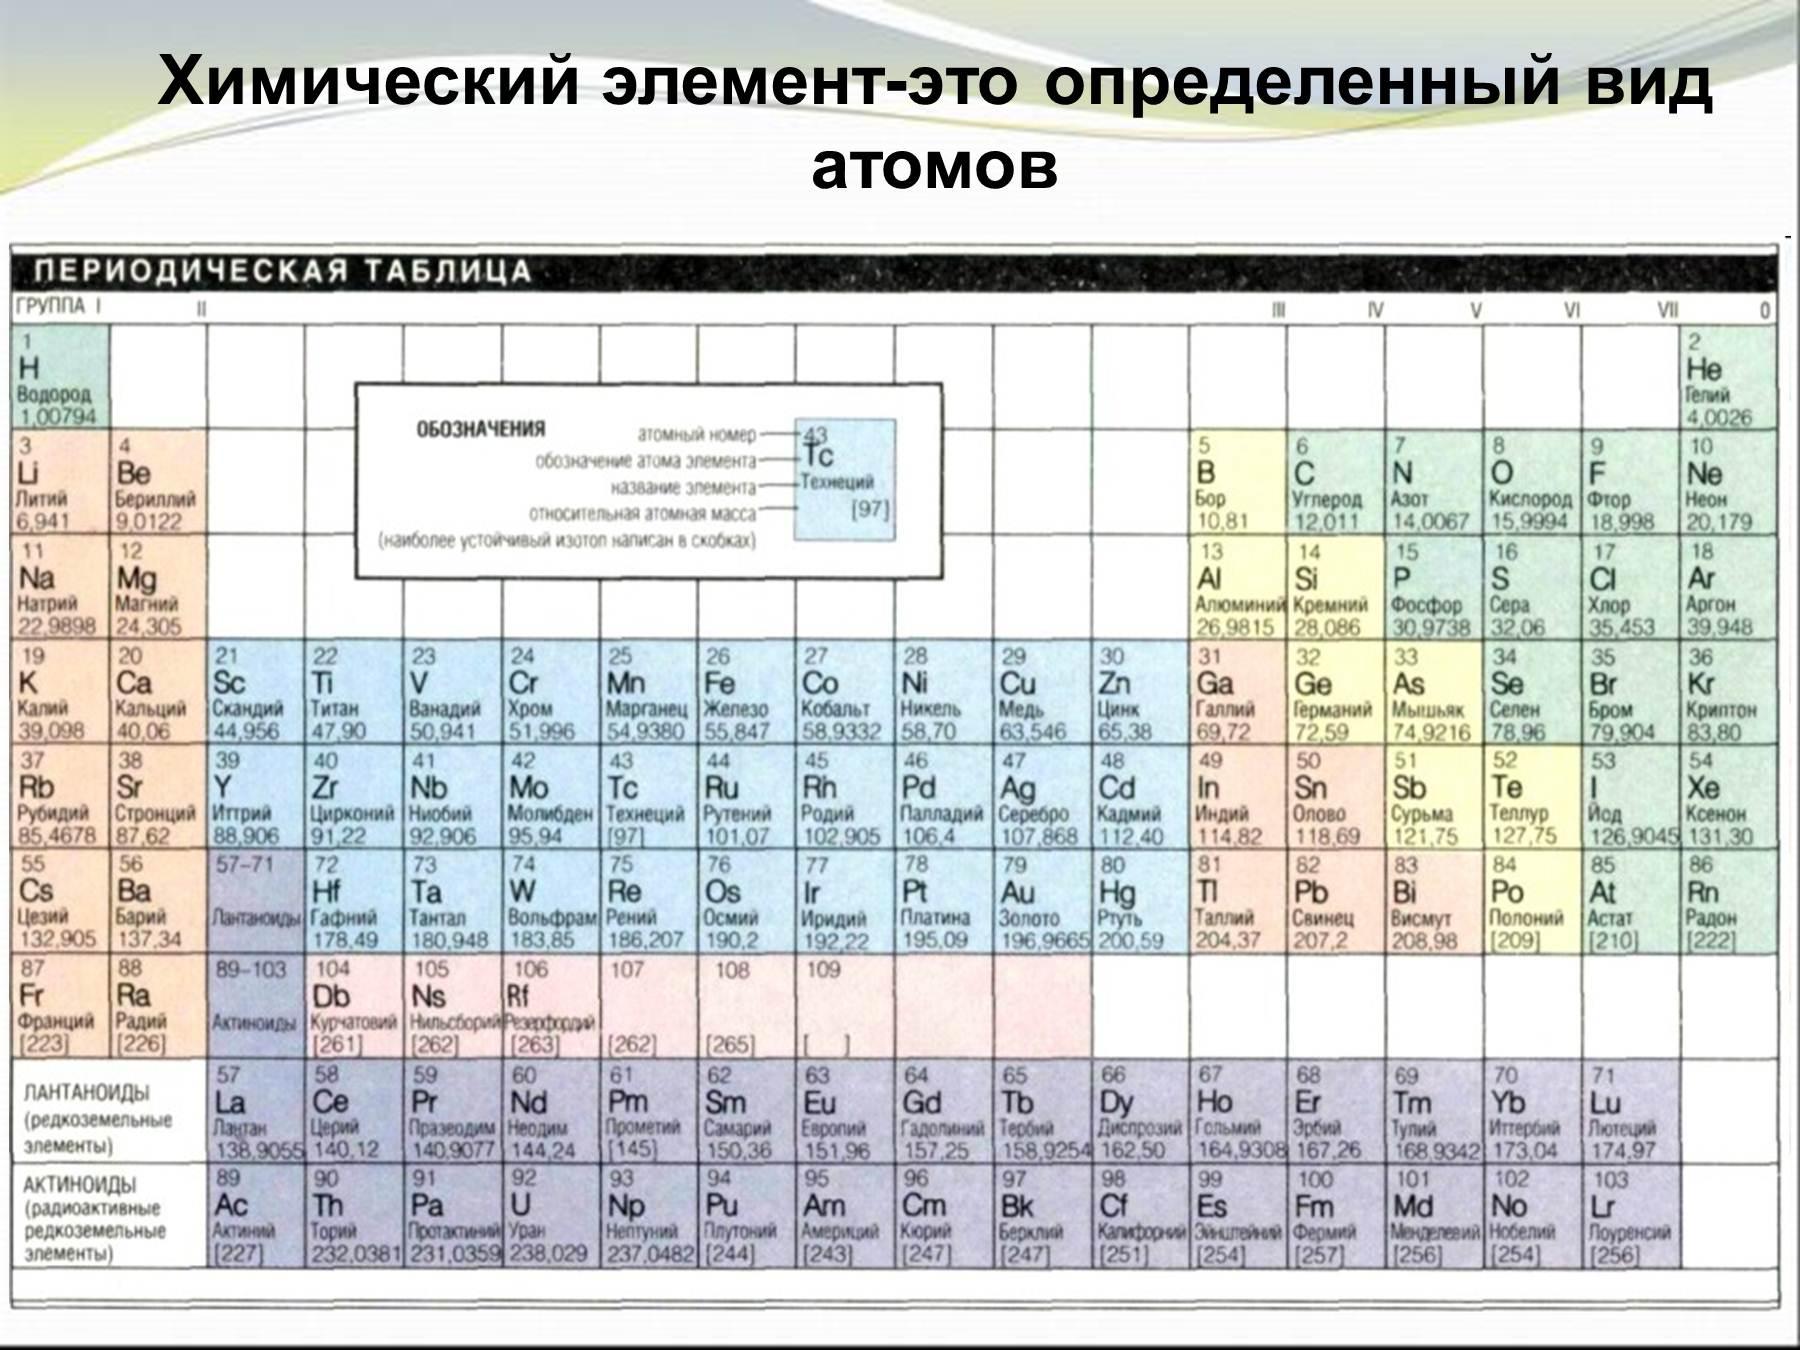 Схемы строения атомов химических элементов всех6